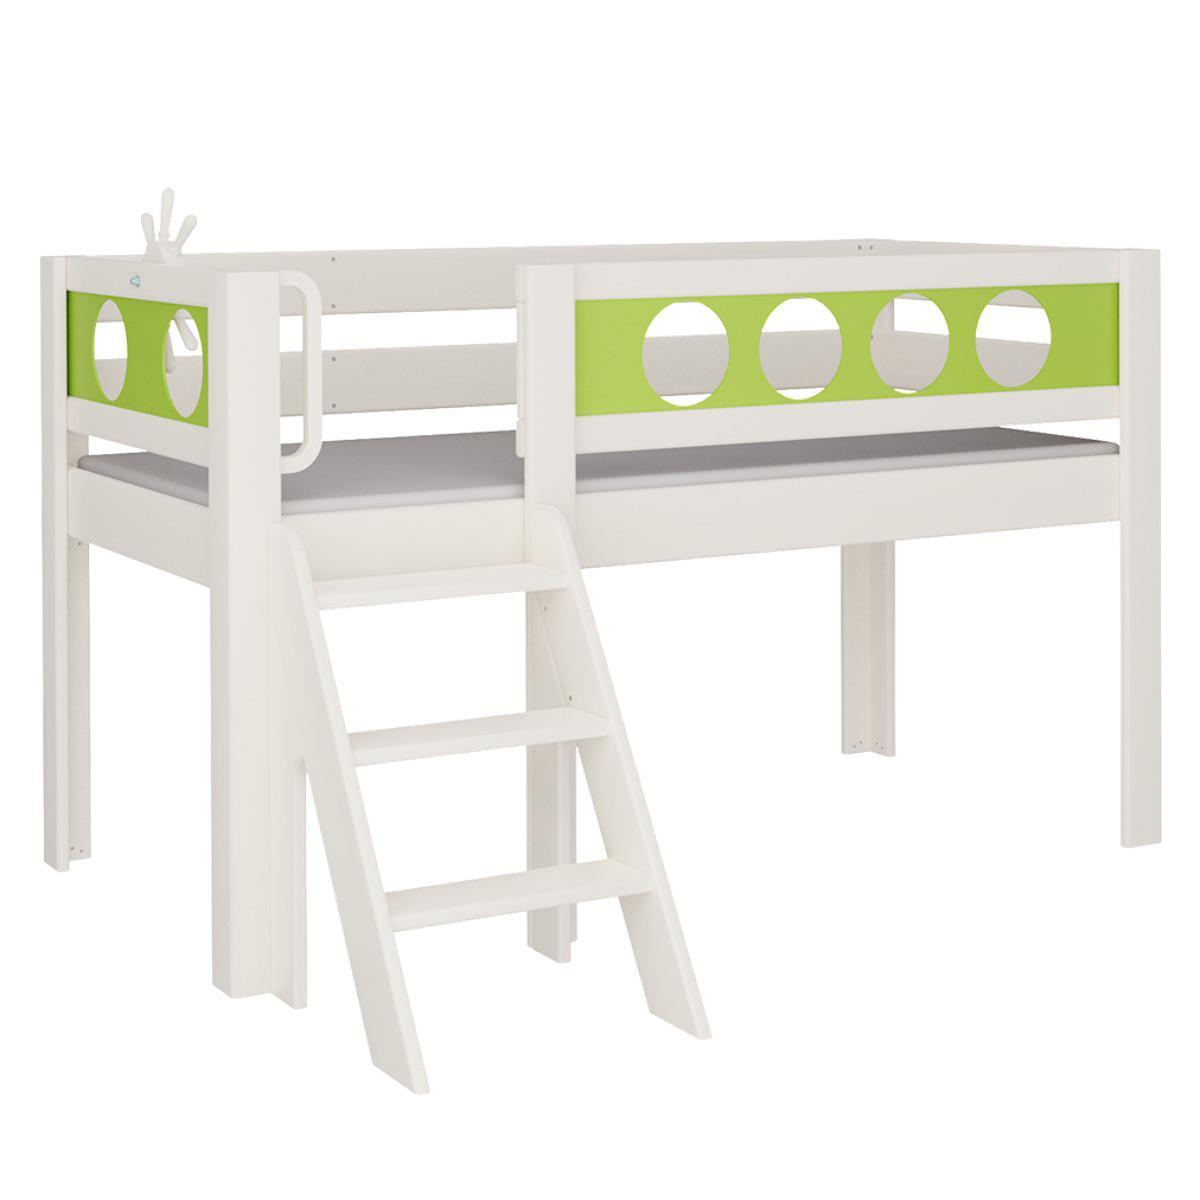 Pirat halbhohes Bett mit Treppe DELUXE De Breuyn weiß Füllungen grün